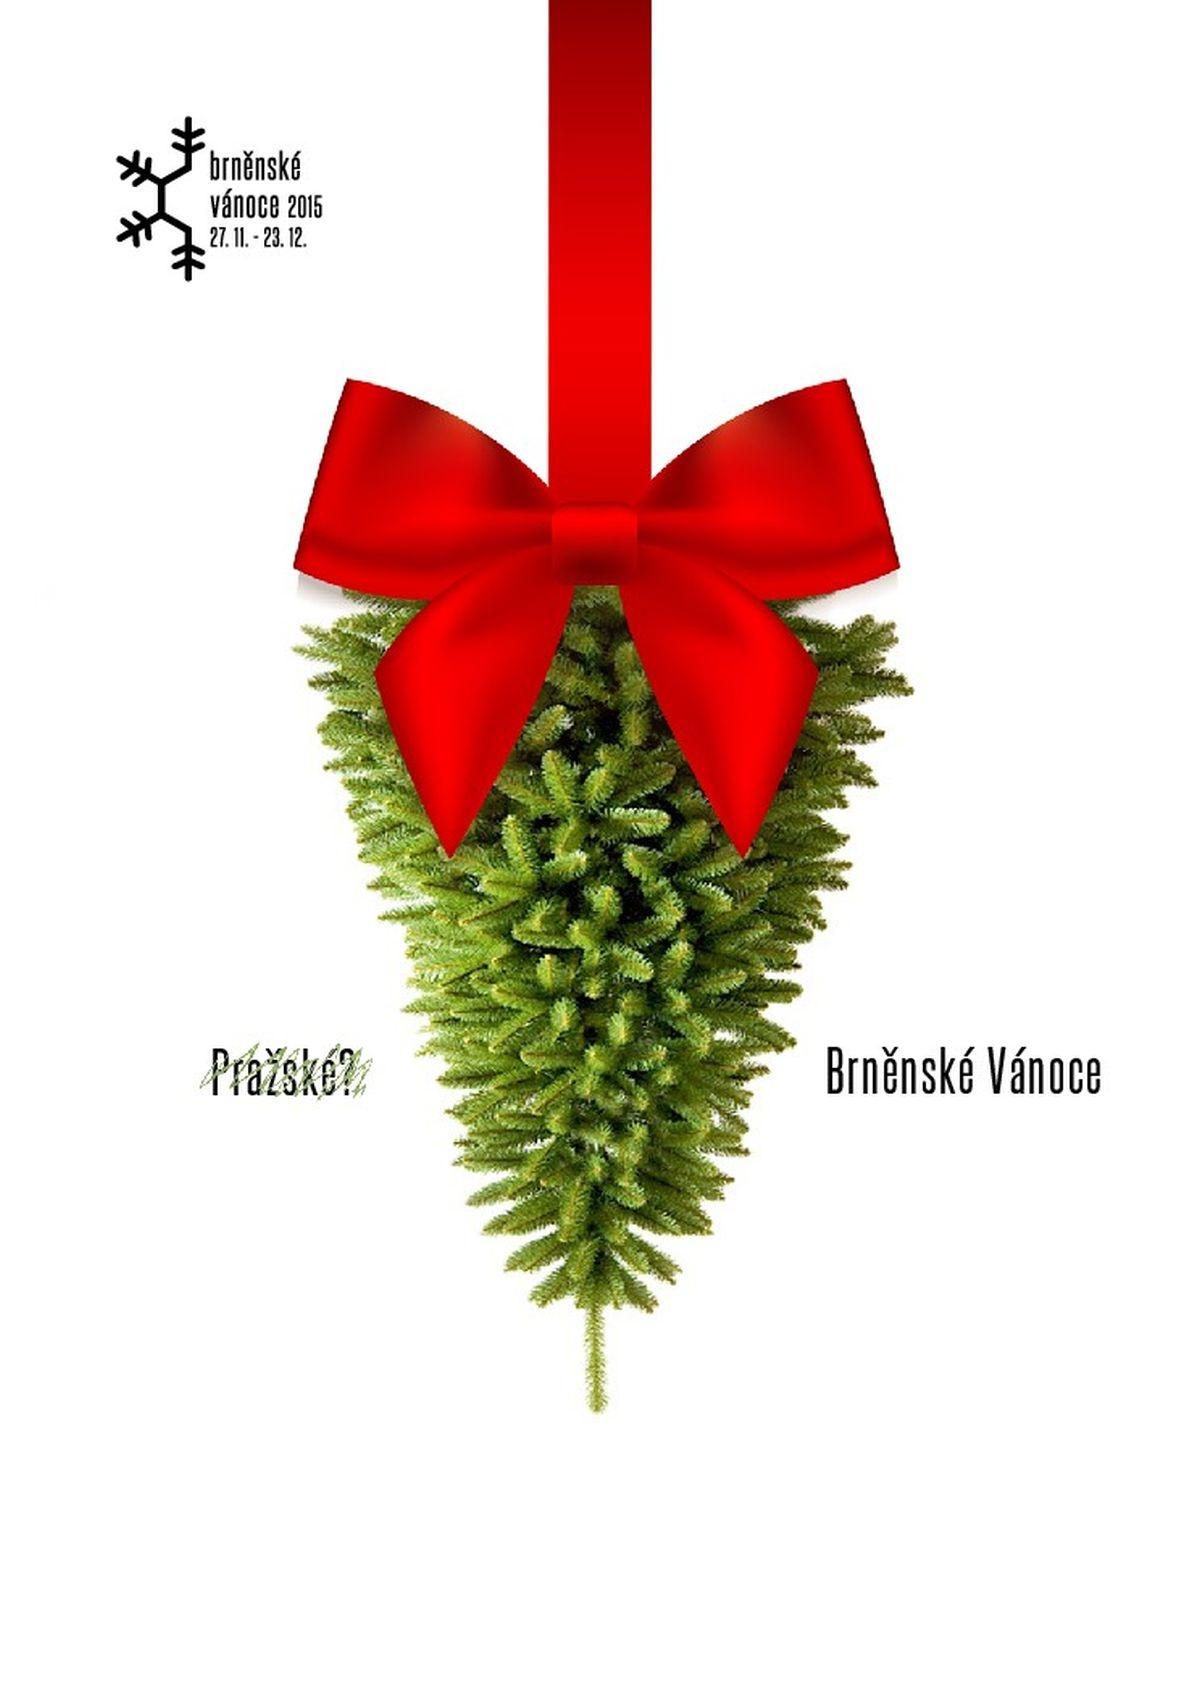 Pražské? Brněnské Vánoce